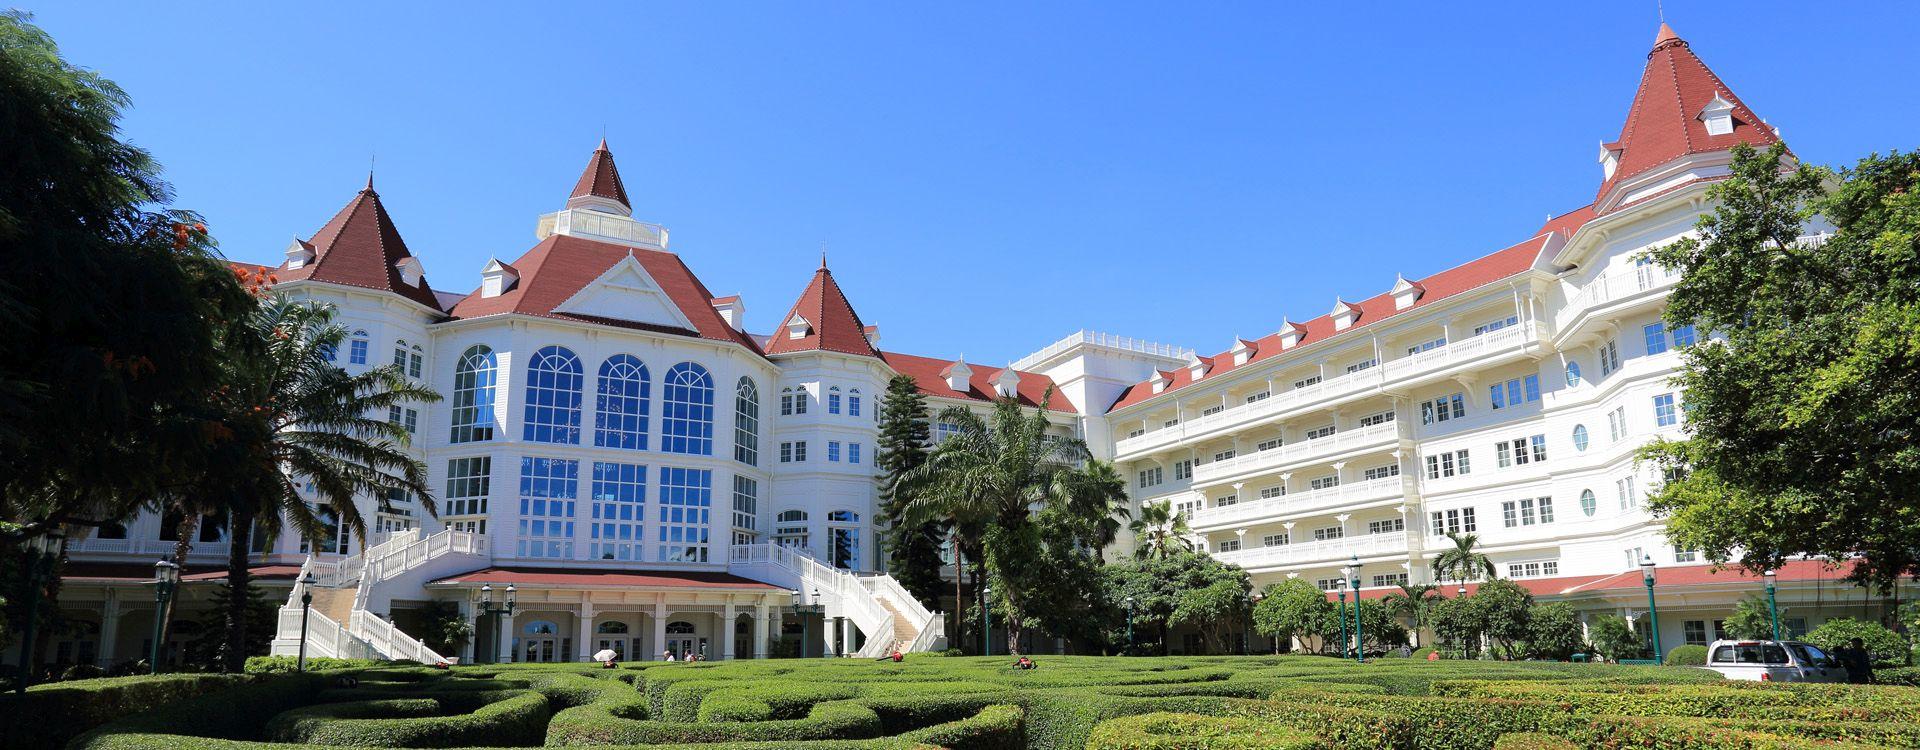 Hong Kong Disneyland Hotel | WSP